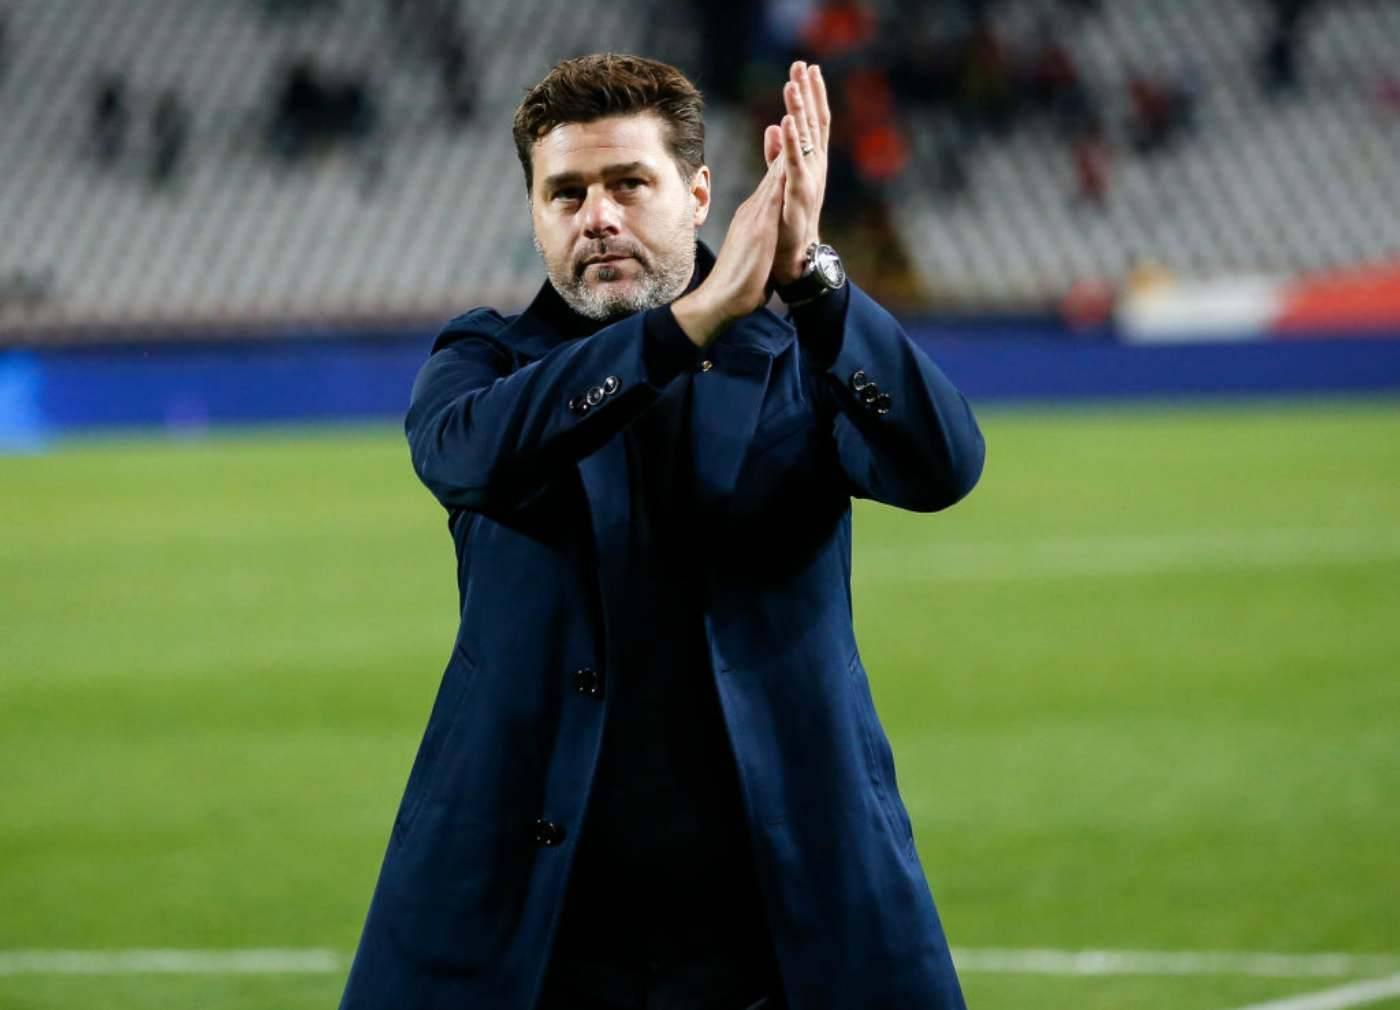 Tottenham esonerato Pochettino Mourinho